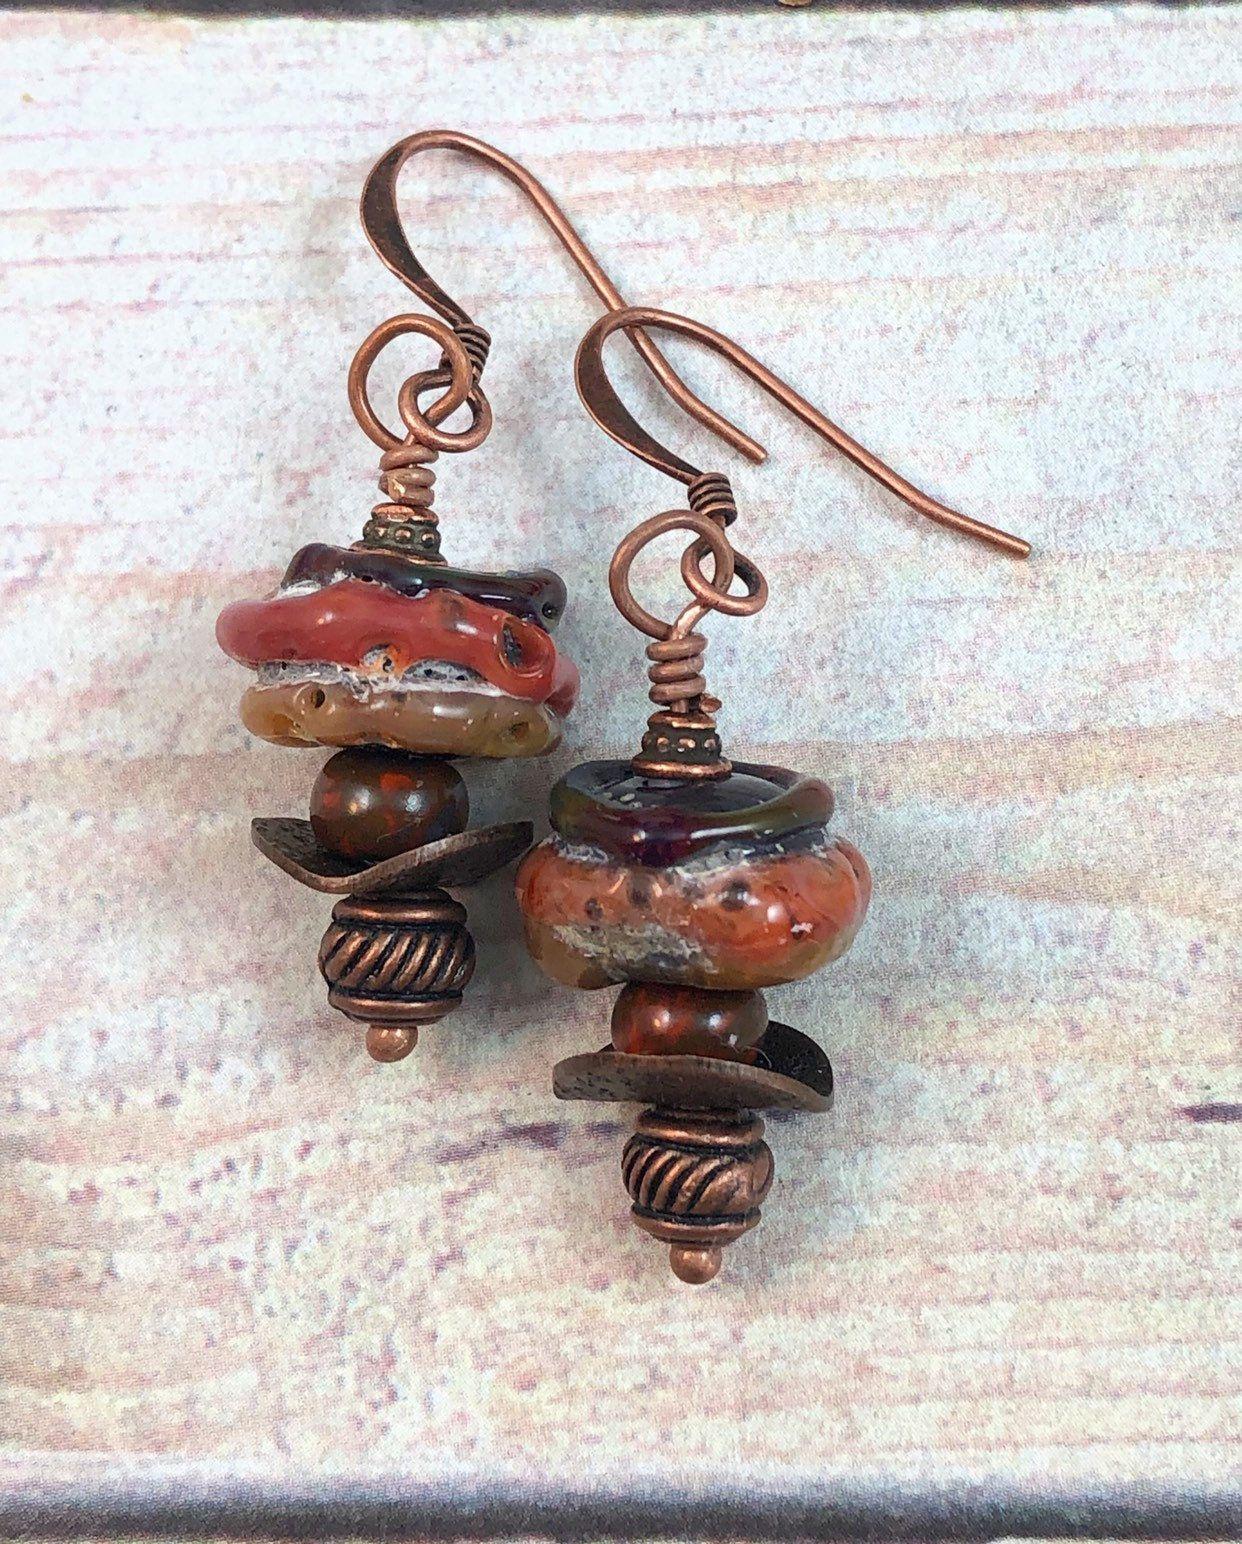 Caramel Cat S Eye Ring Diamontrigue Jewelry: Rust Lampwork Earrings, Brown Earrings, Boho Earrings